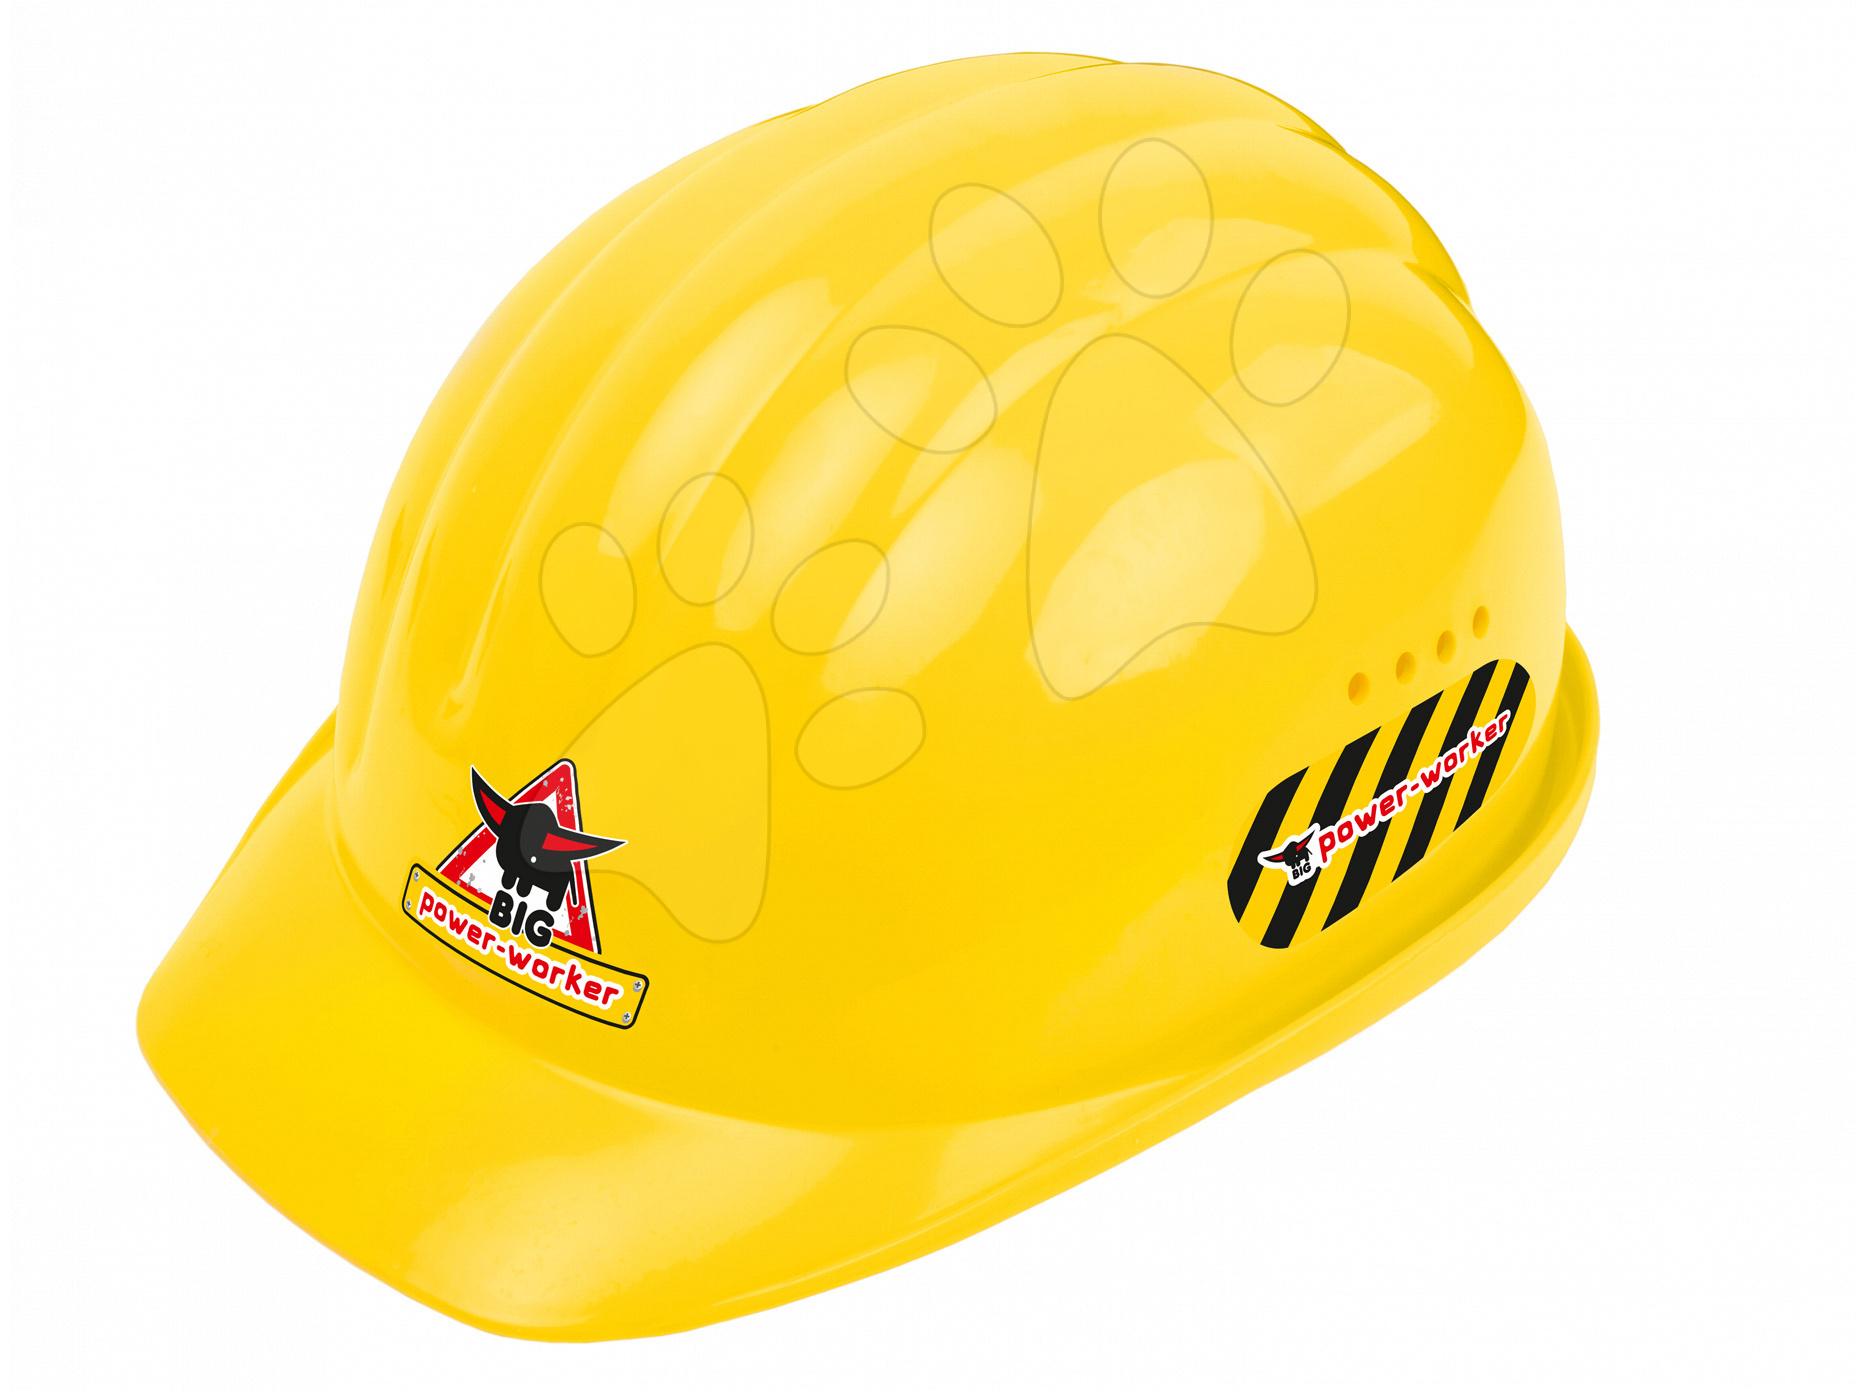 Pracovní přilba Power Worker BIG nastavitelná velikost žlutá od 24 měsíců